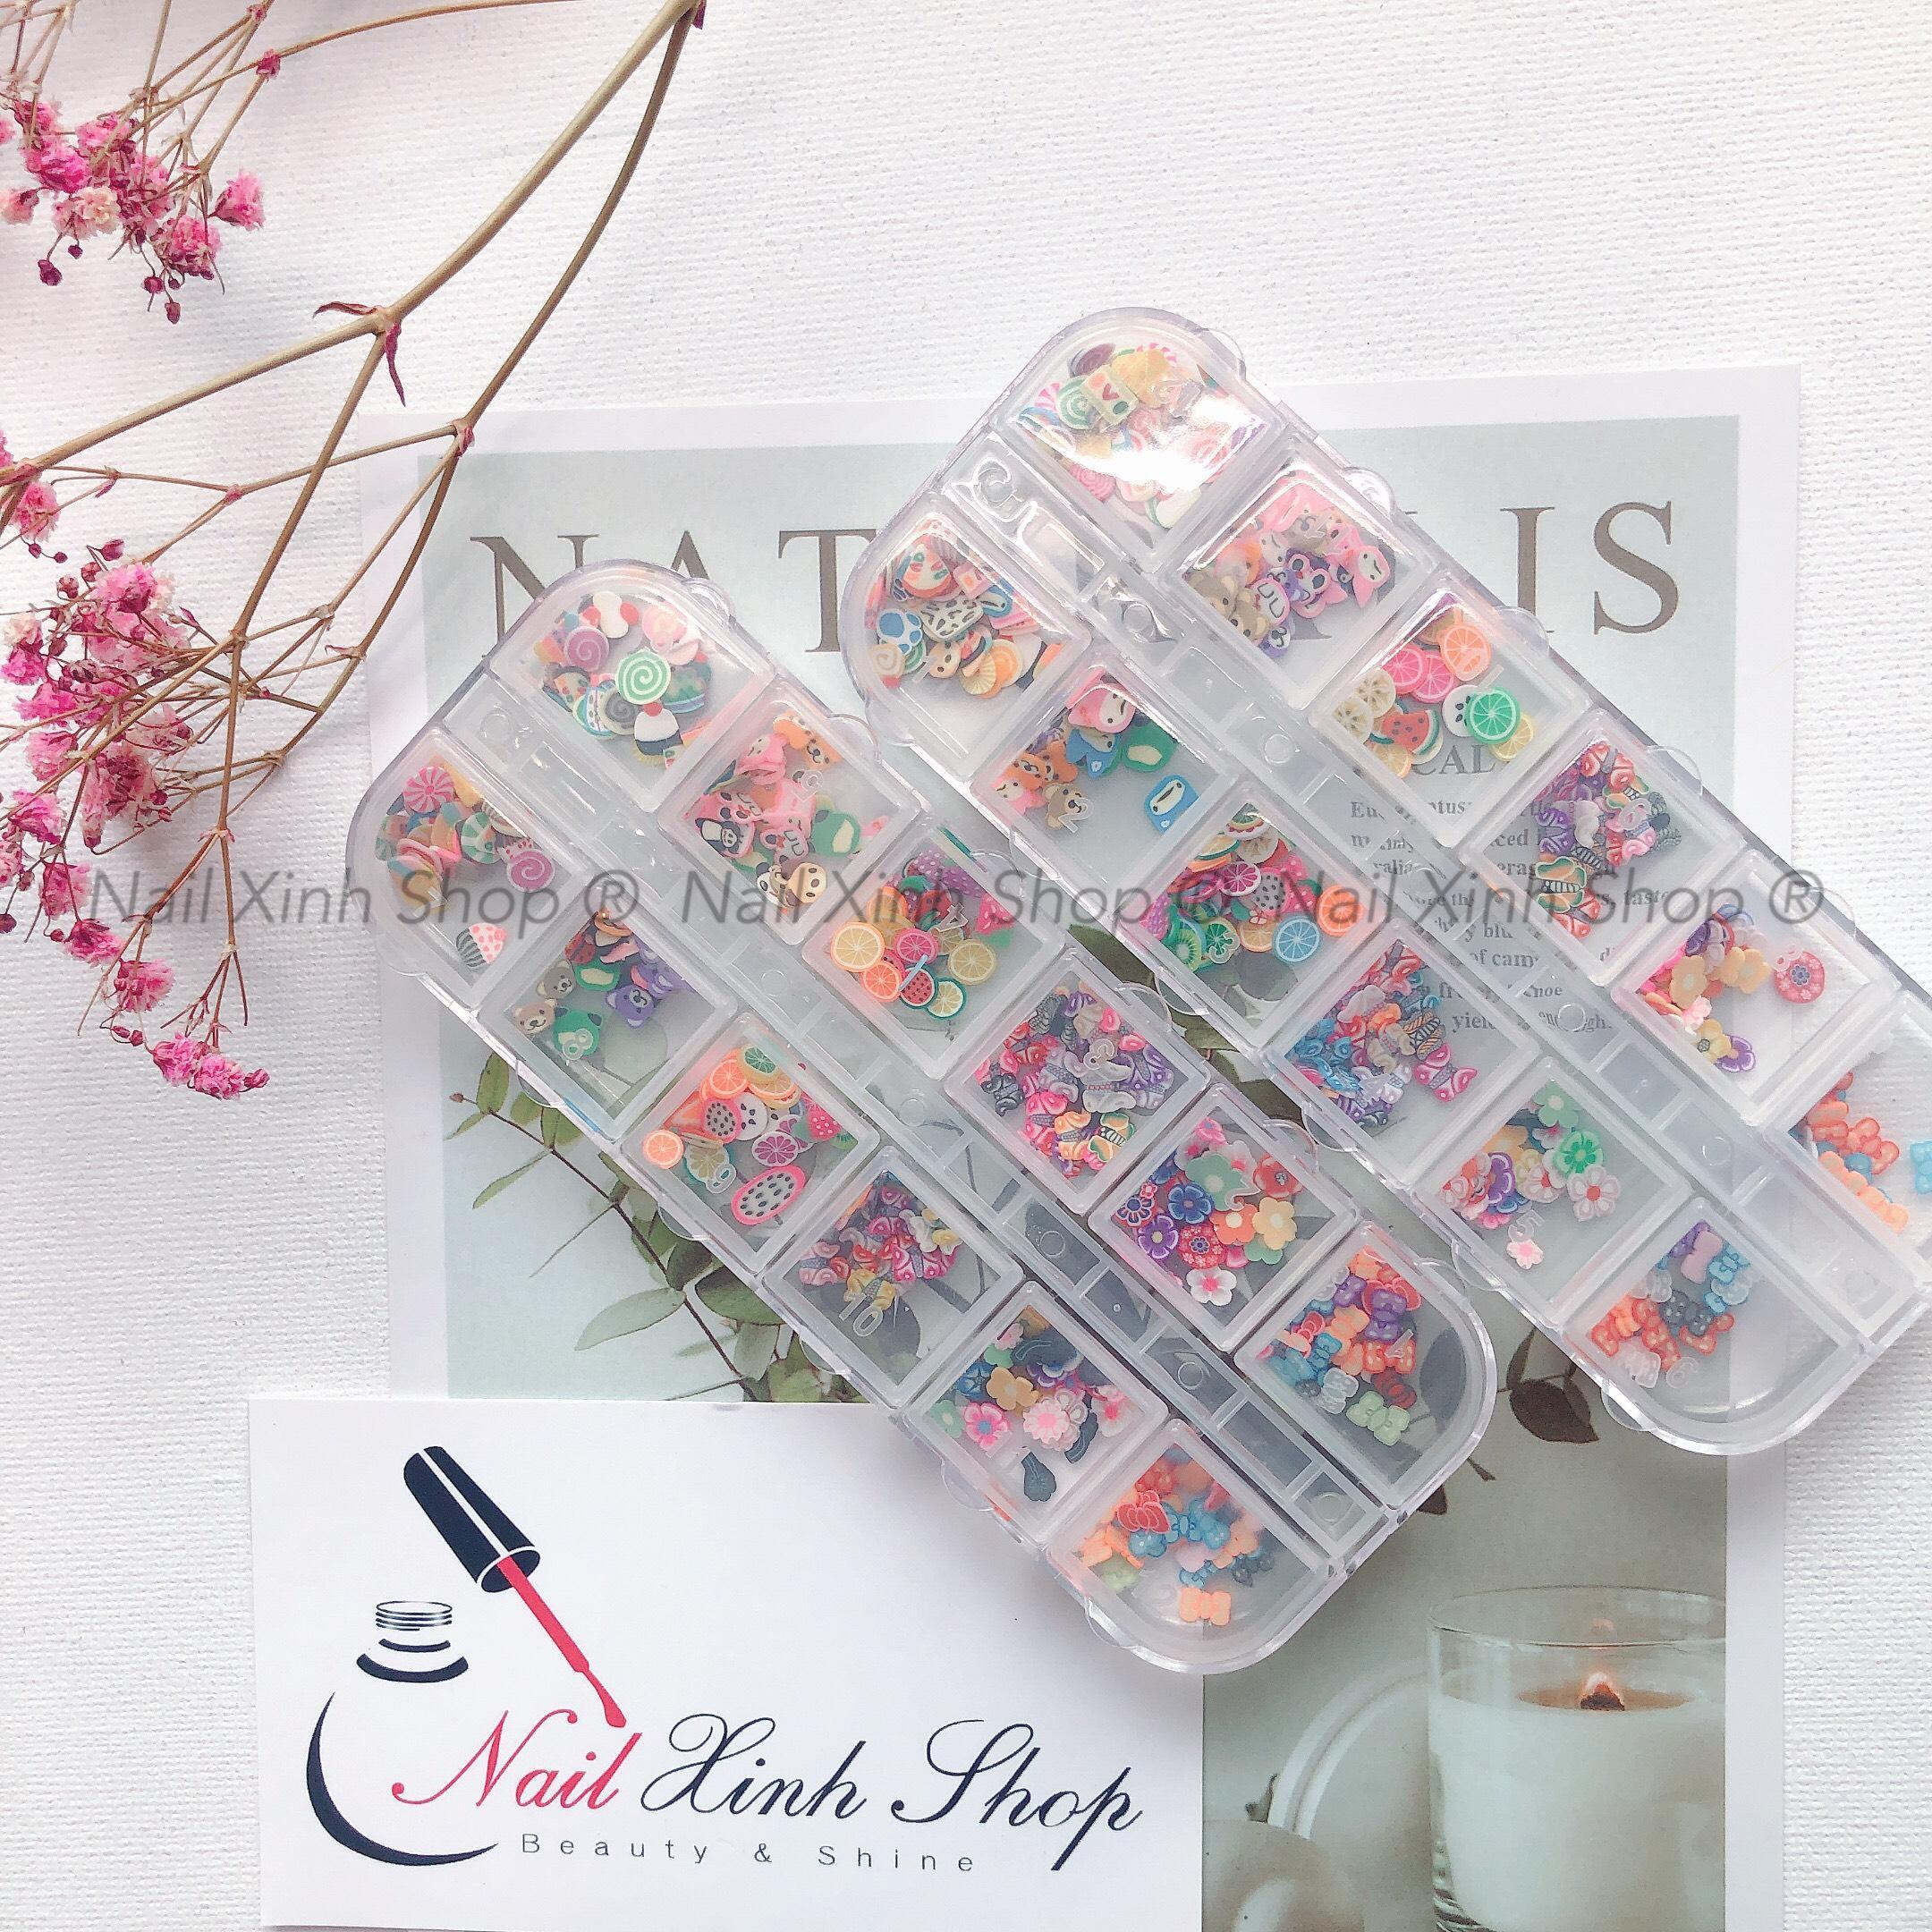 Khay nail 12 ô trang trí móng tay, phụ kiện nail hot 2020 ( hộp 12 ô, mix xà cừ,đá, icon 3D, hoa) cao cấp